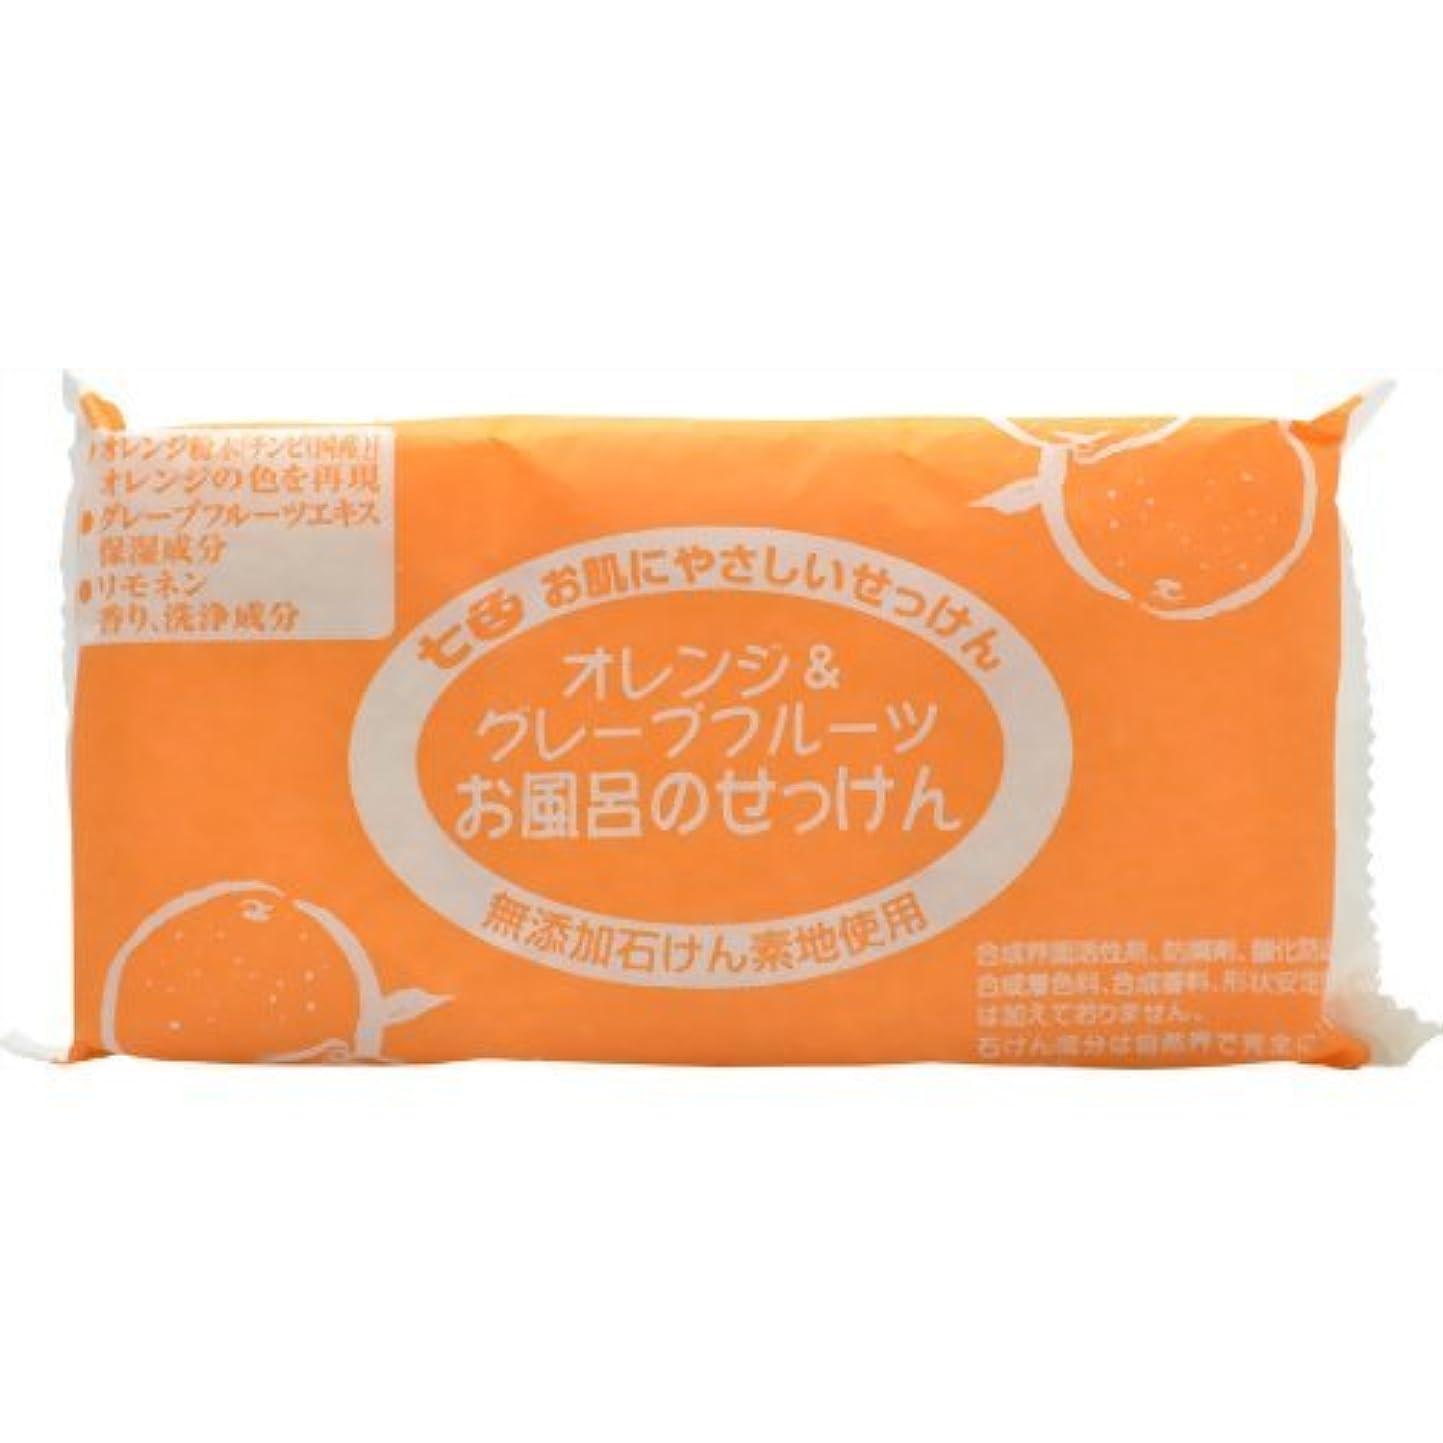 商品震える方言まるは オレンジ&グレープフルーツ お風呂の石鹸 3個入り